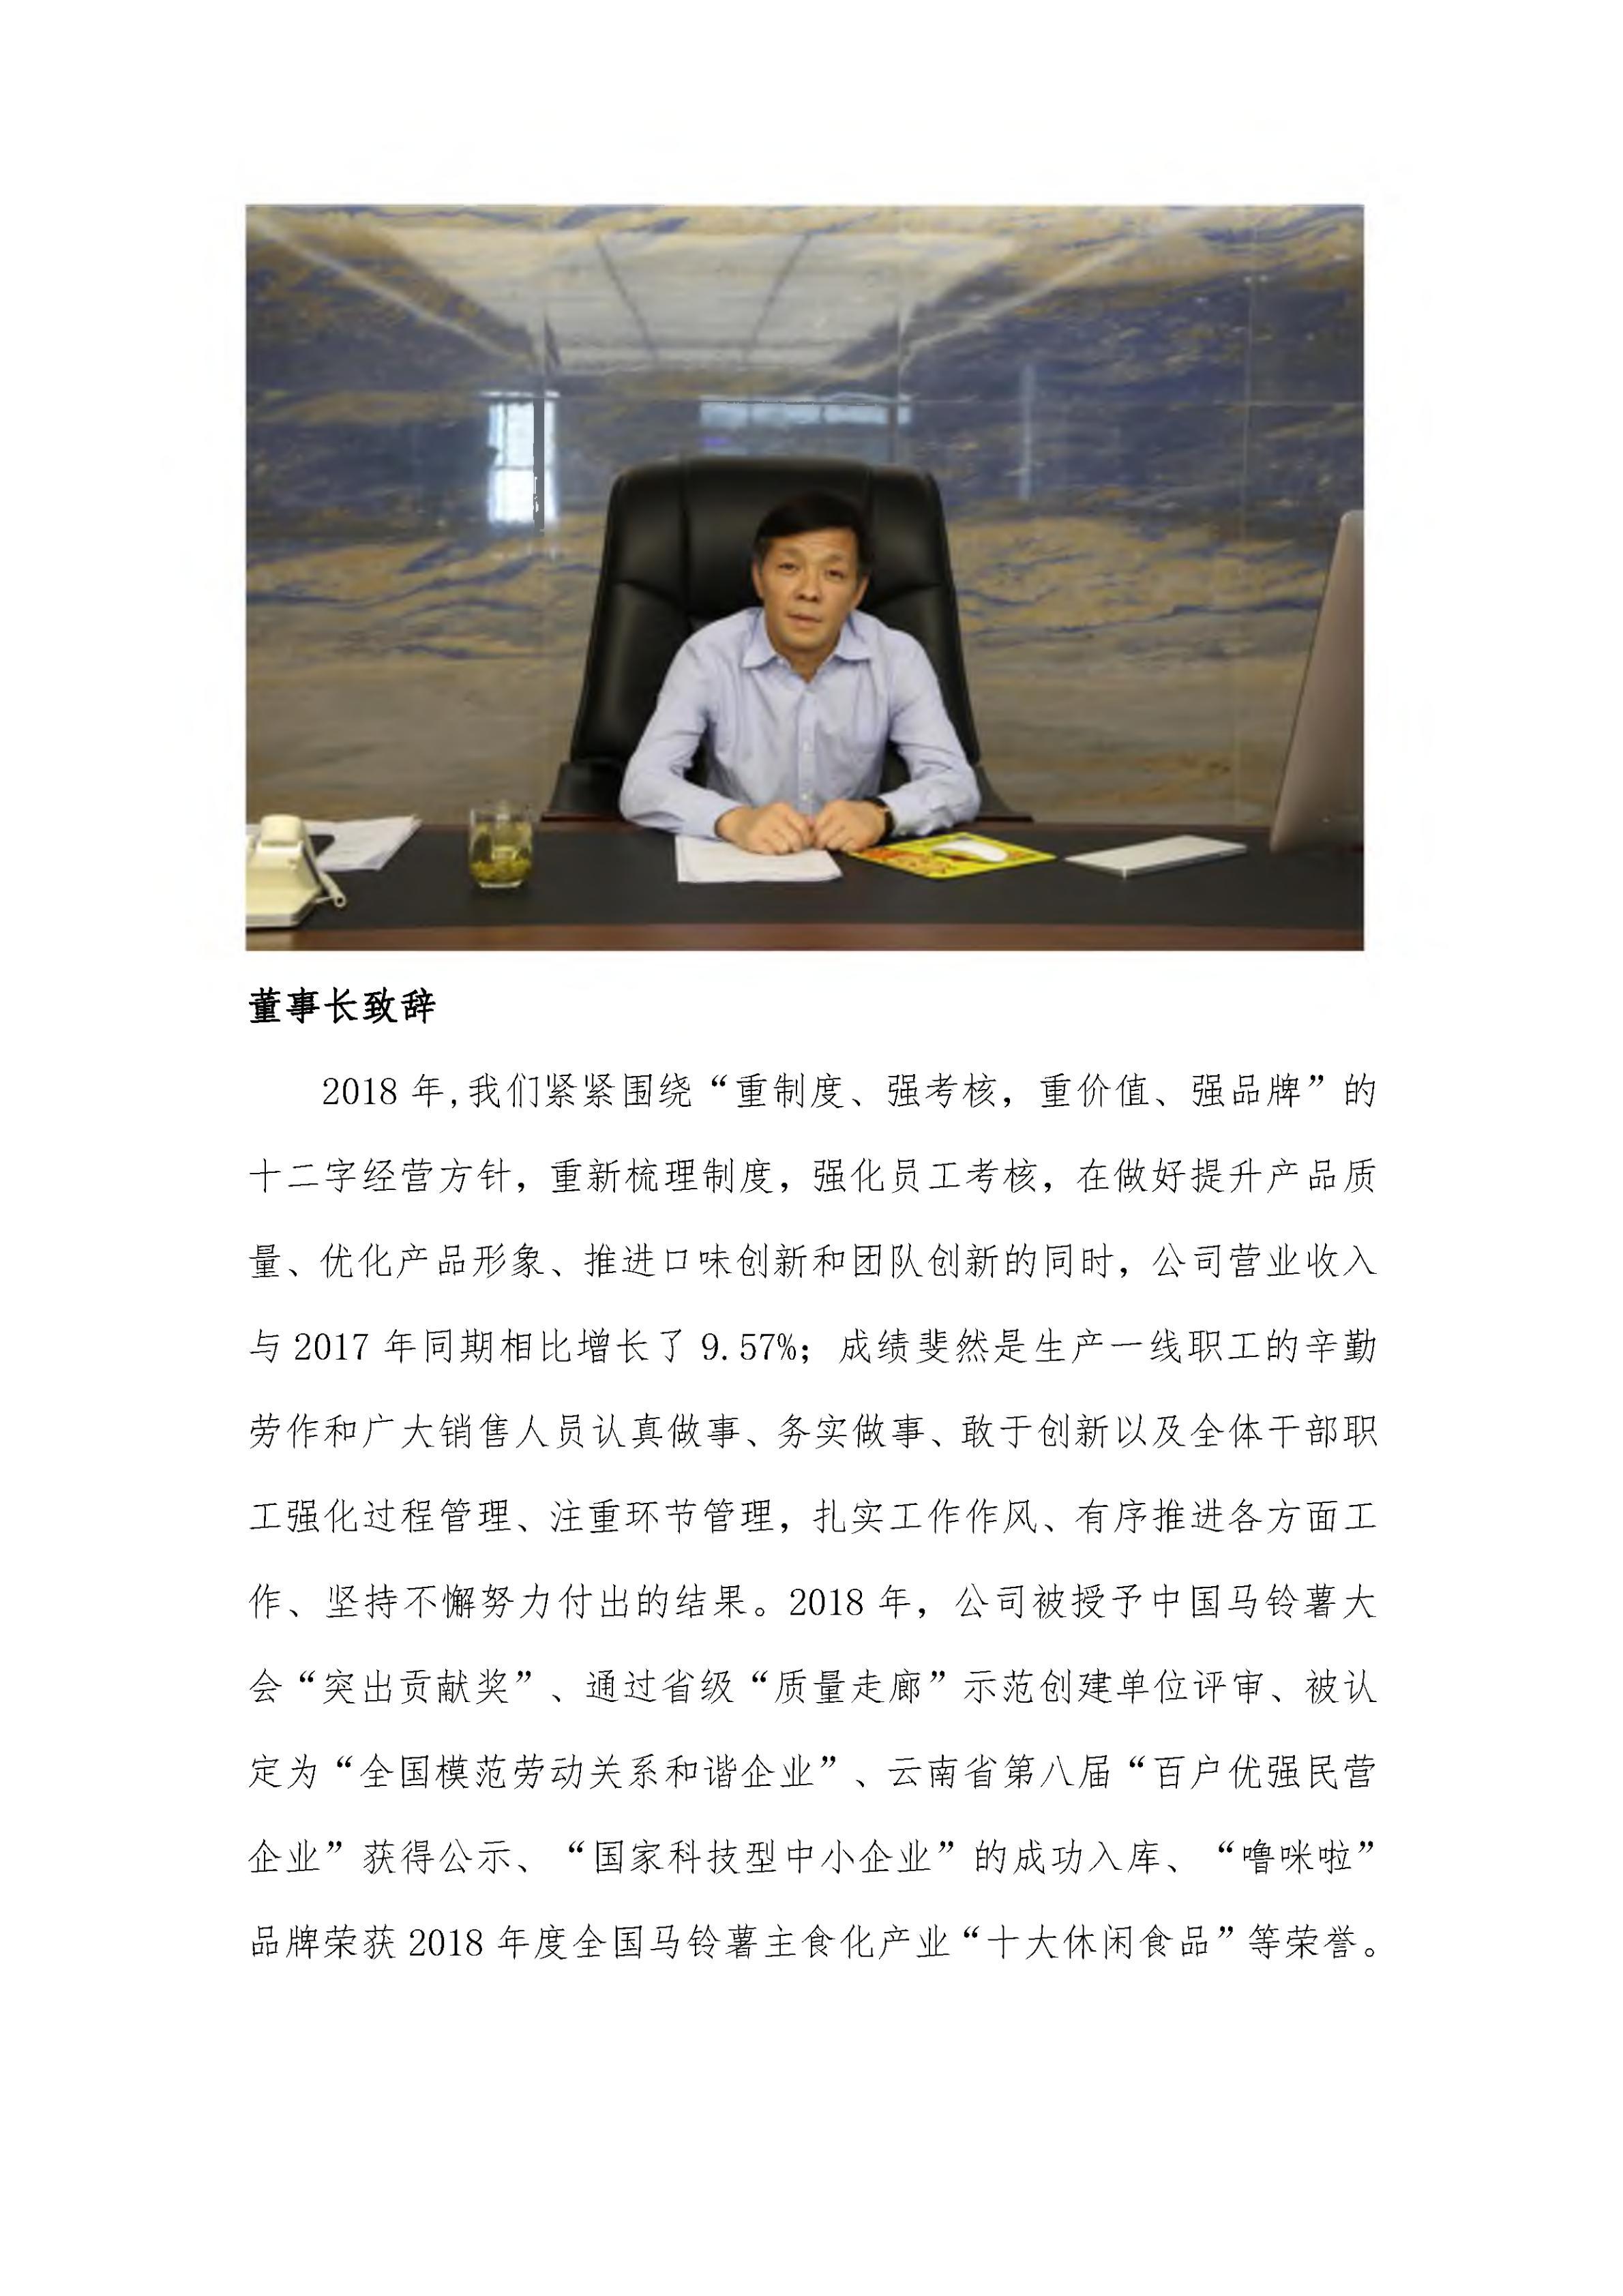 云南理世實業(集團)有限責任公司2018年社會責任報告.FR11_02.jpg